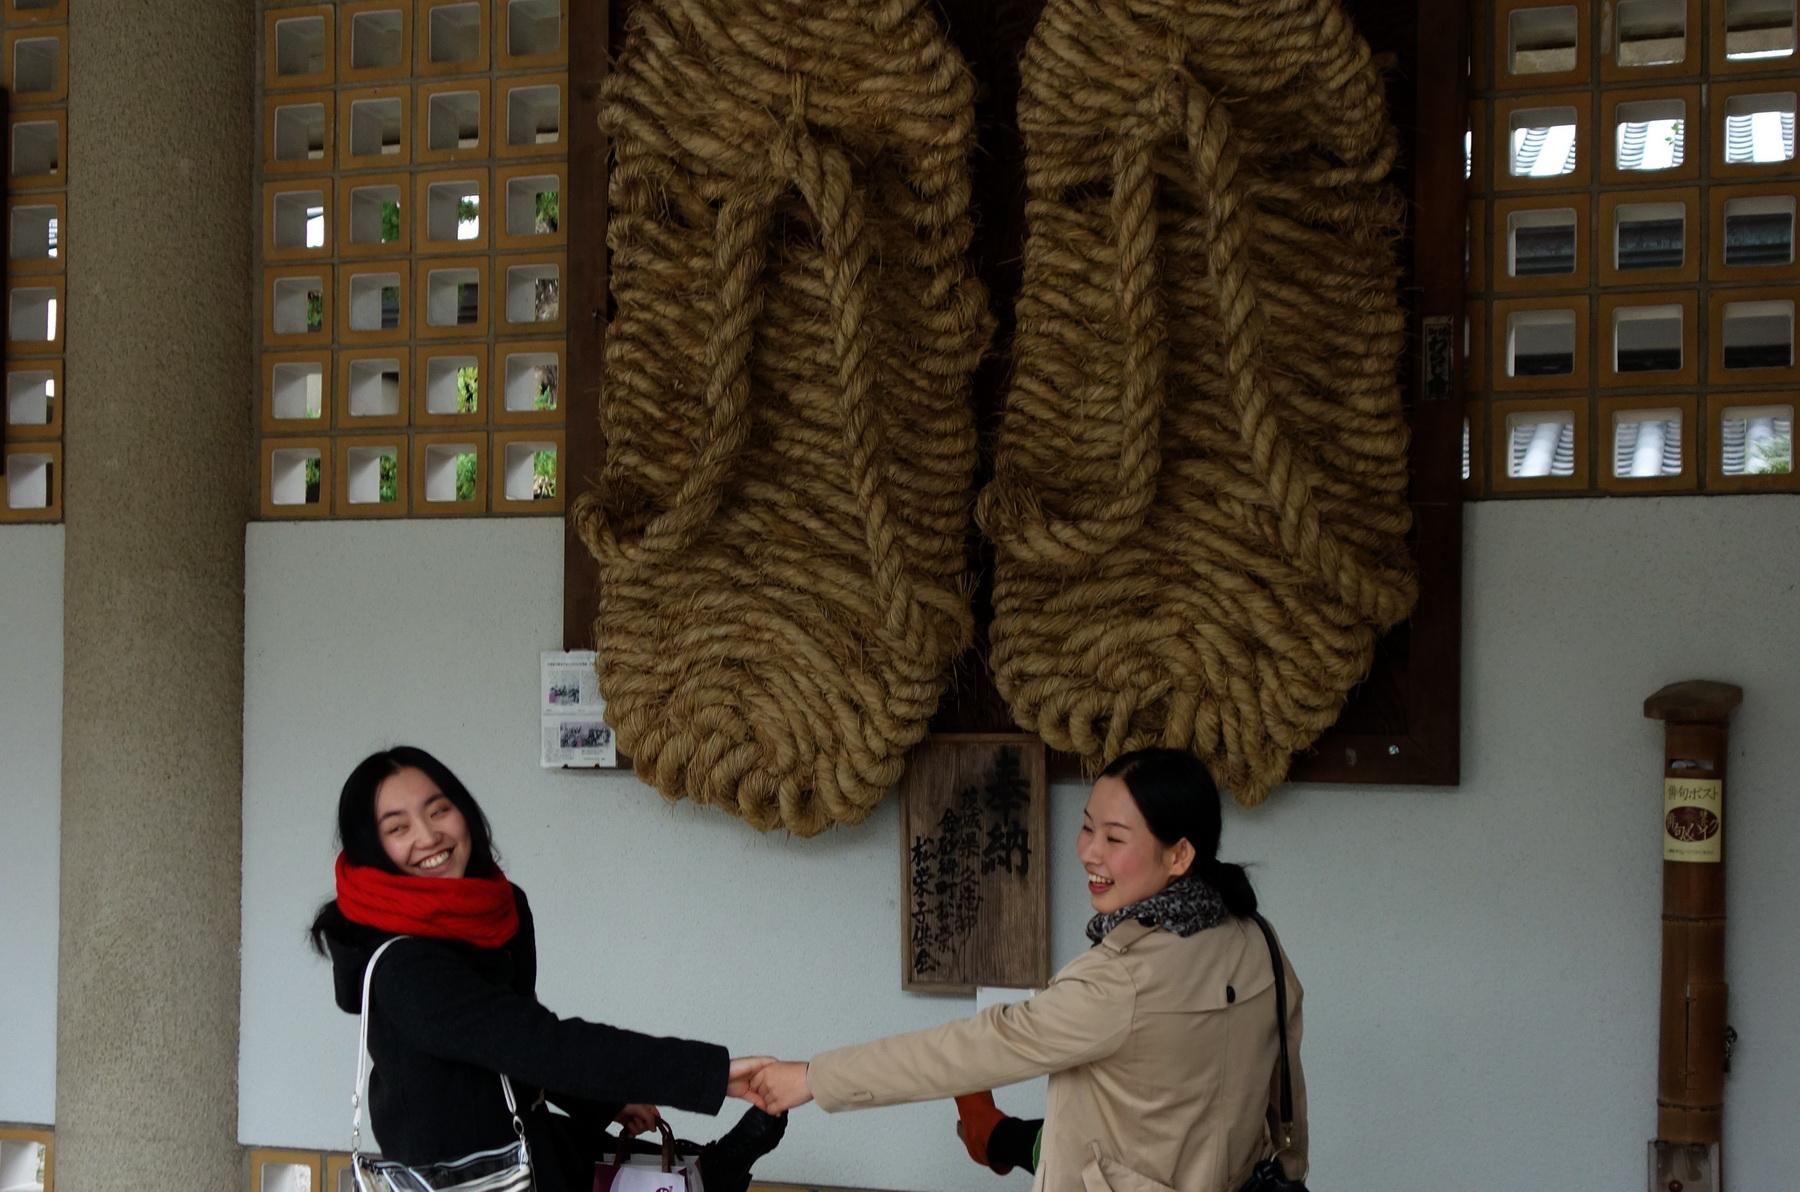 Grat Buddha statue in Kotoku-in. Buddha's slippers